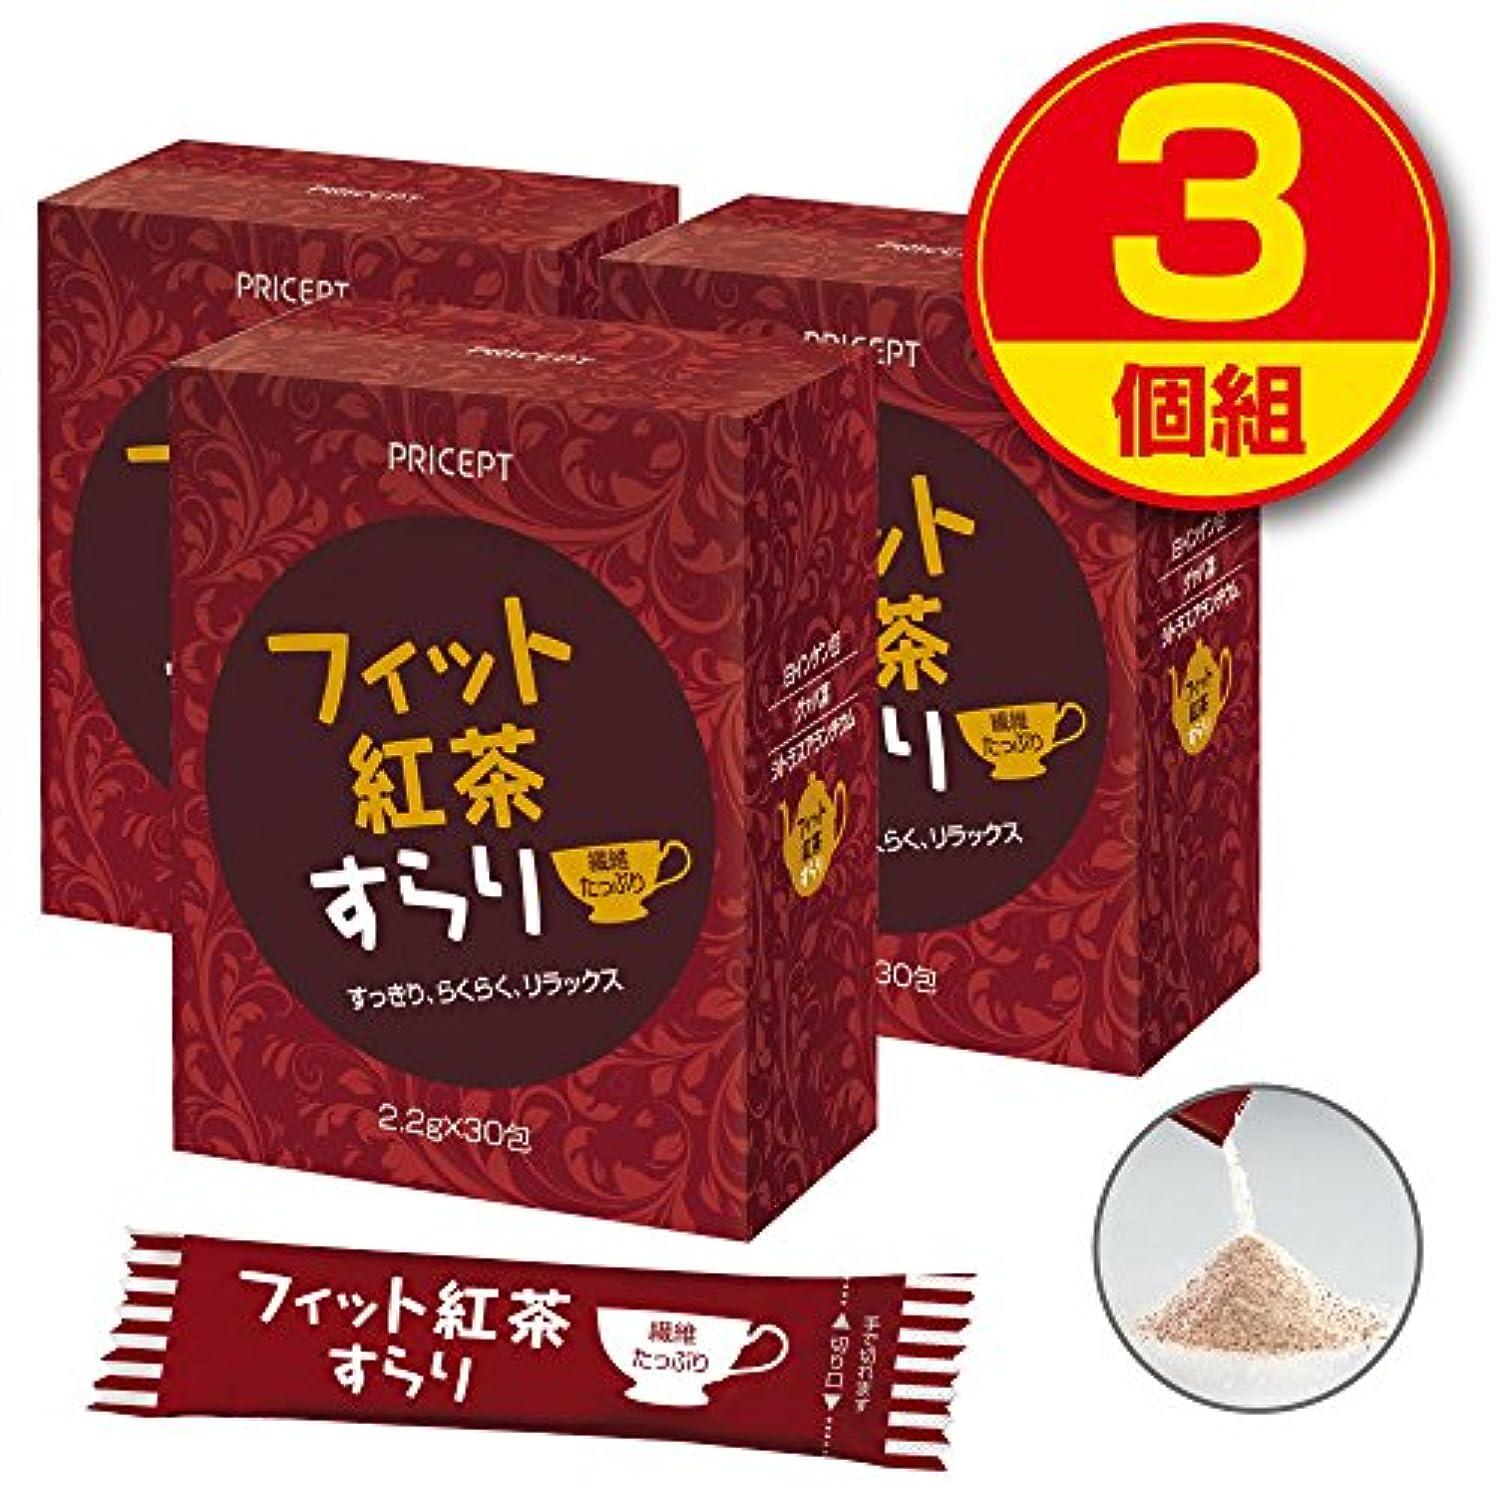 帆料理をする被害者プリセプト フィット紅茶すらり(30包)【3個組?90包】(食物繊維配合ダイエットサポート紅茶)